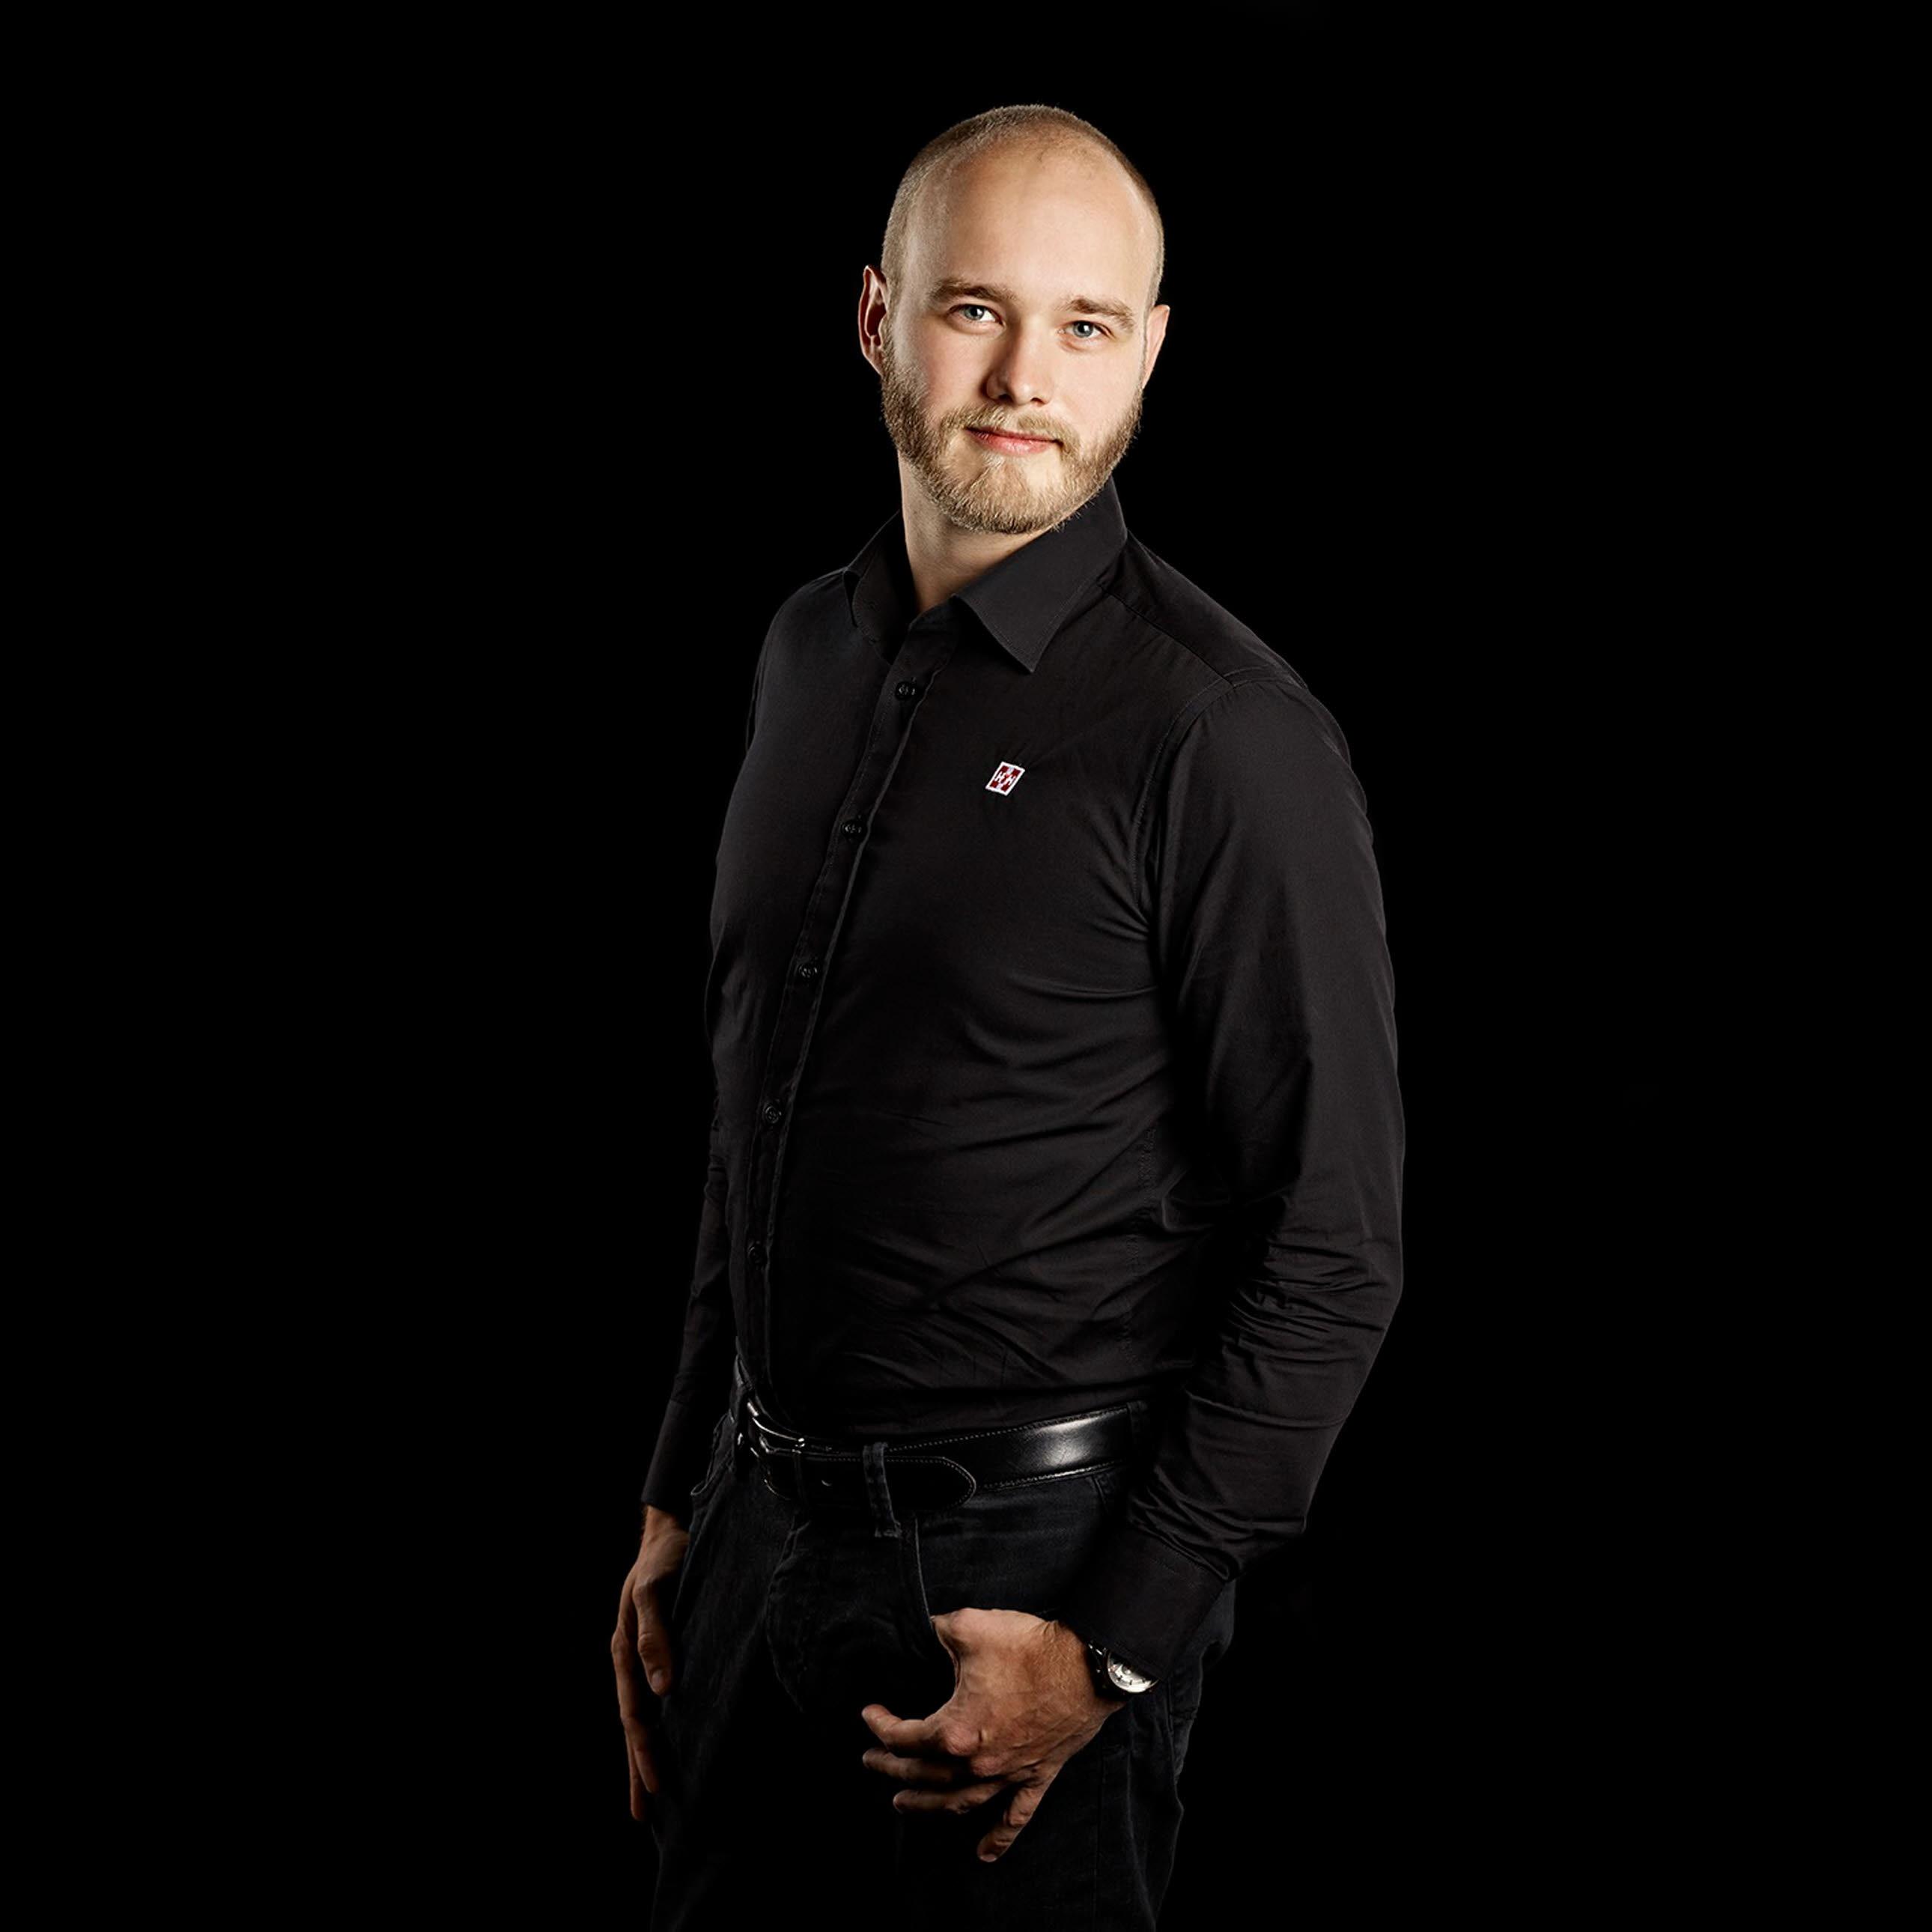 Bo Knudsen